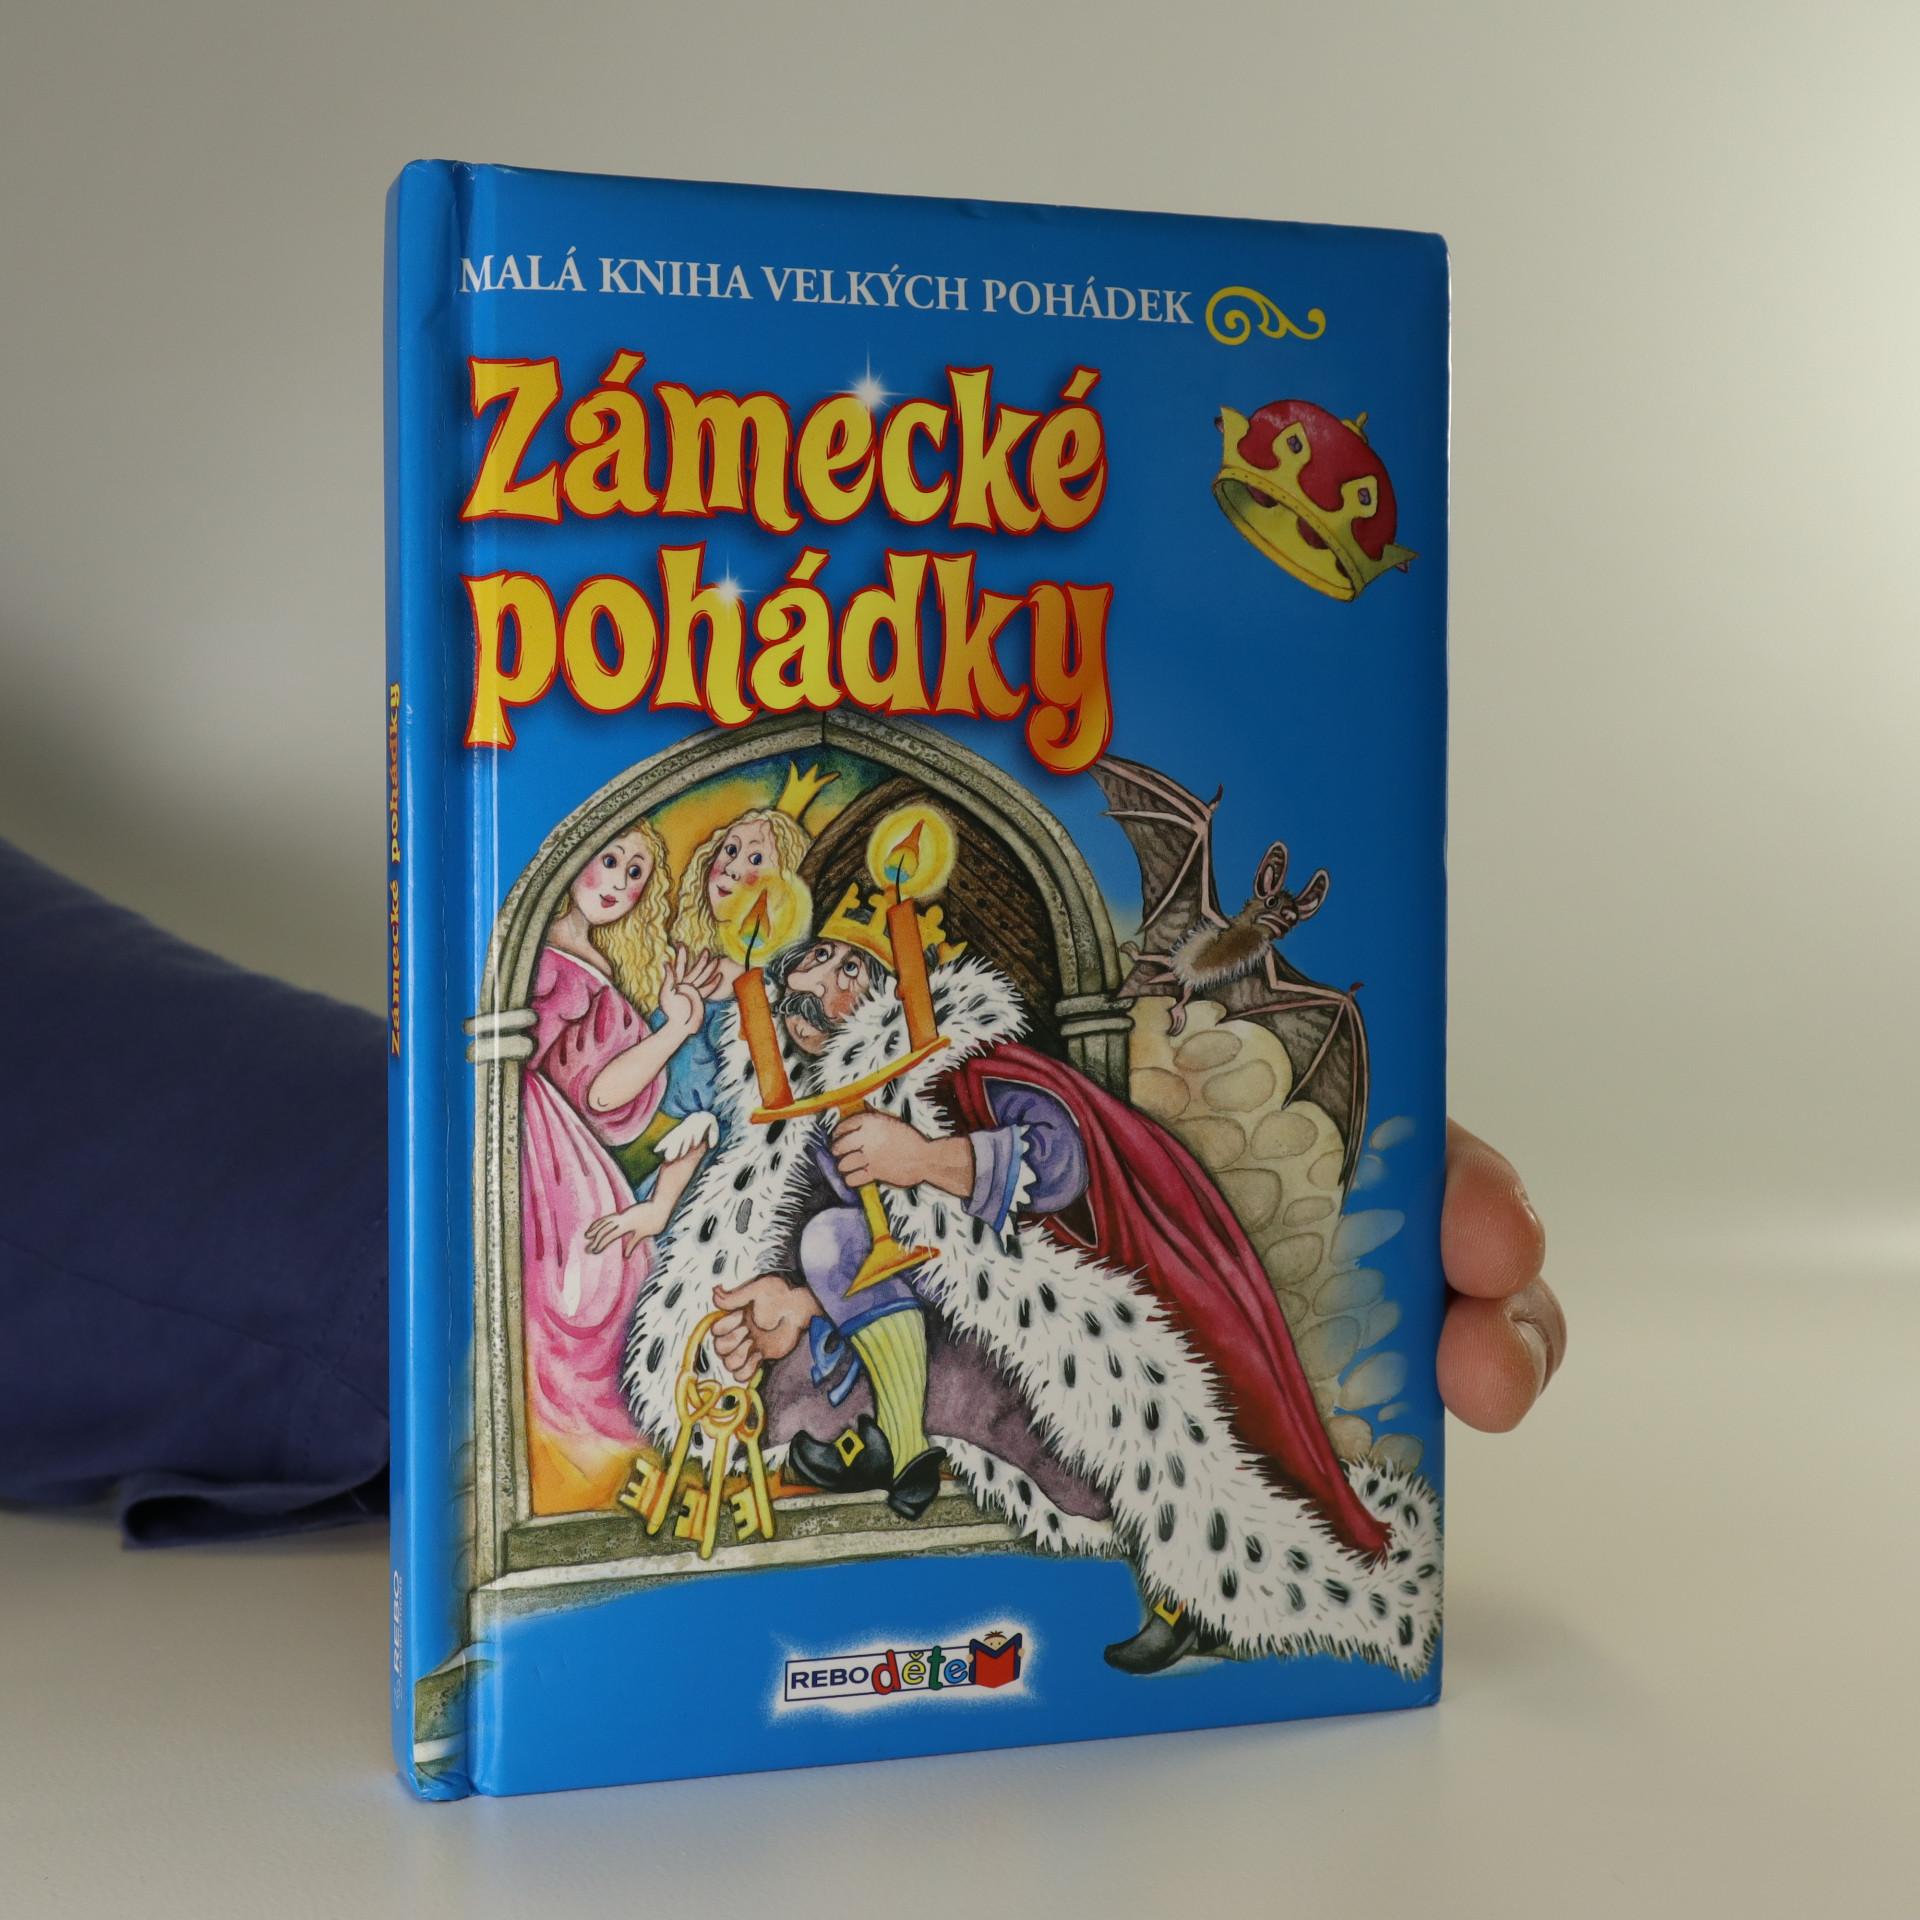 antikvární kniha Zámecké pohádky, 2010